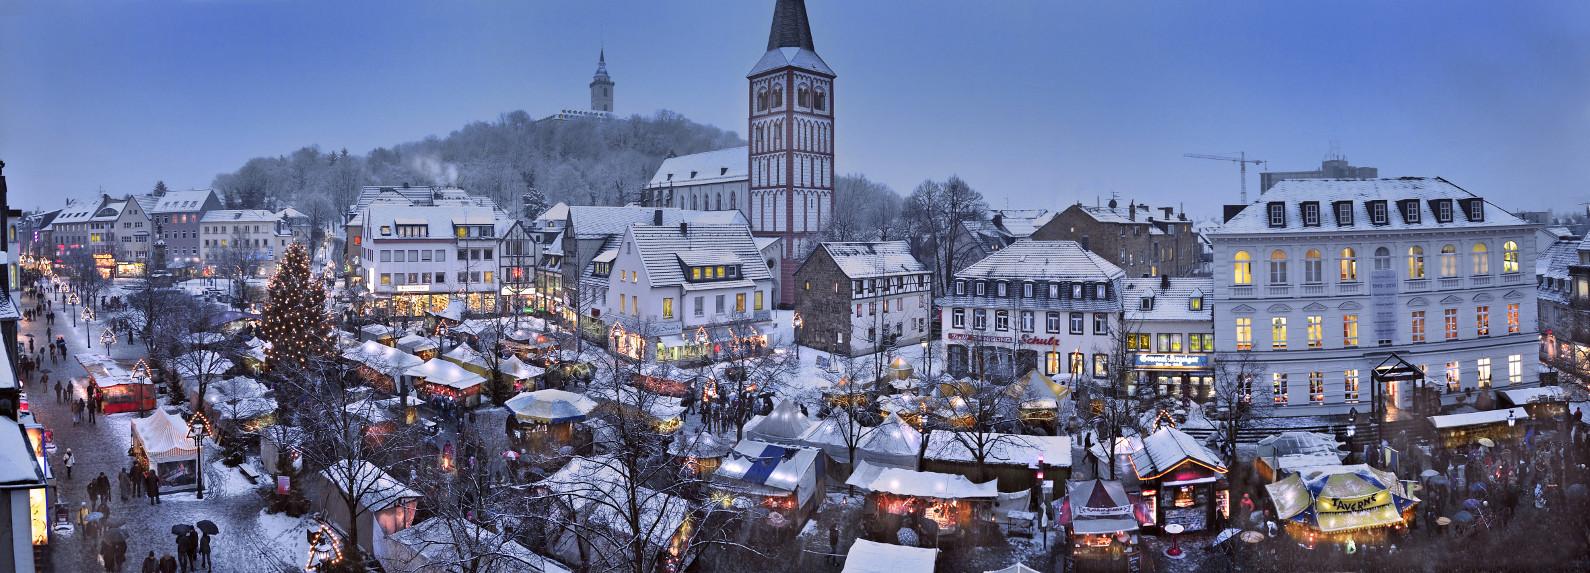 Mittelalterlicher-Markt